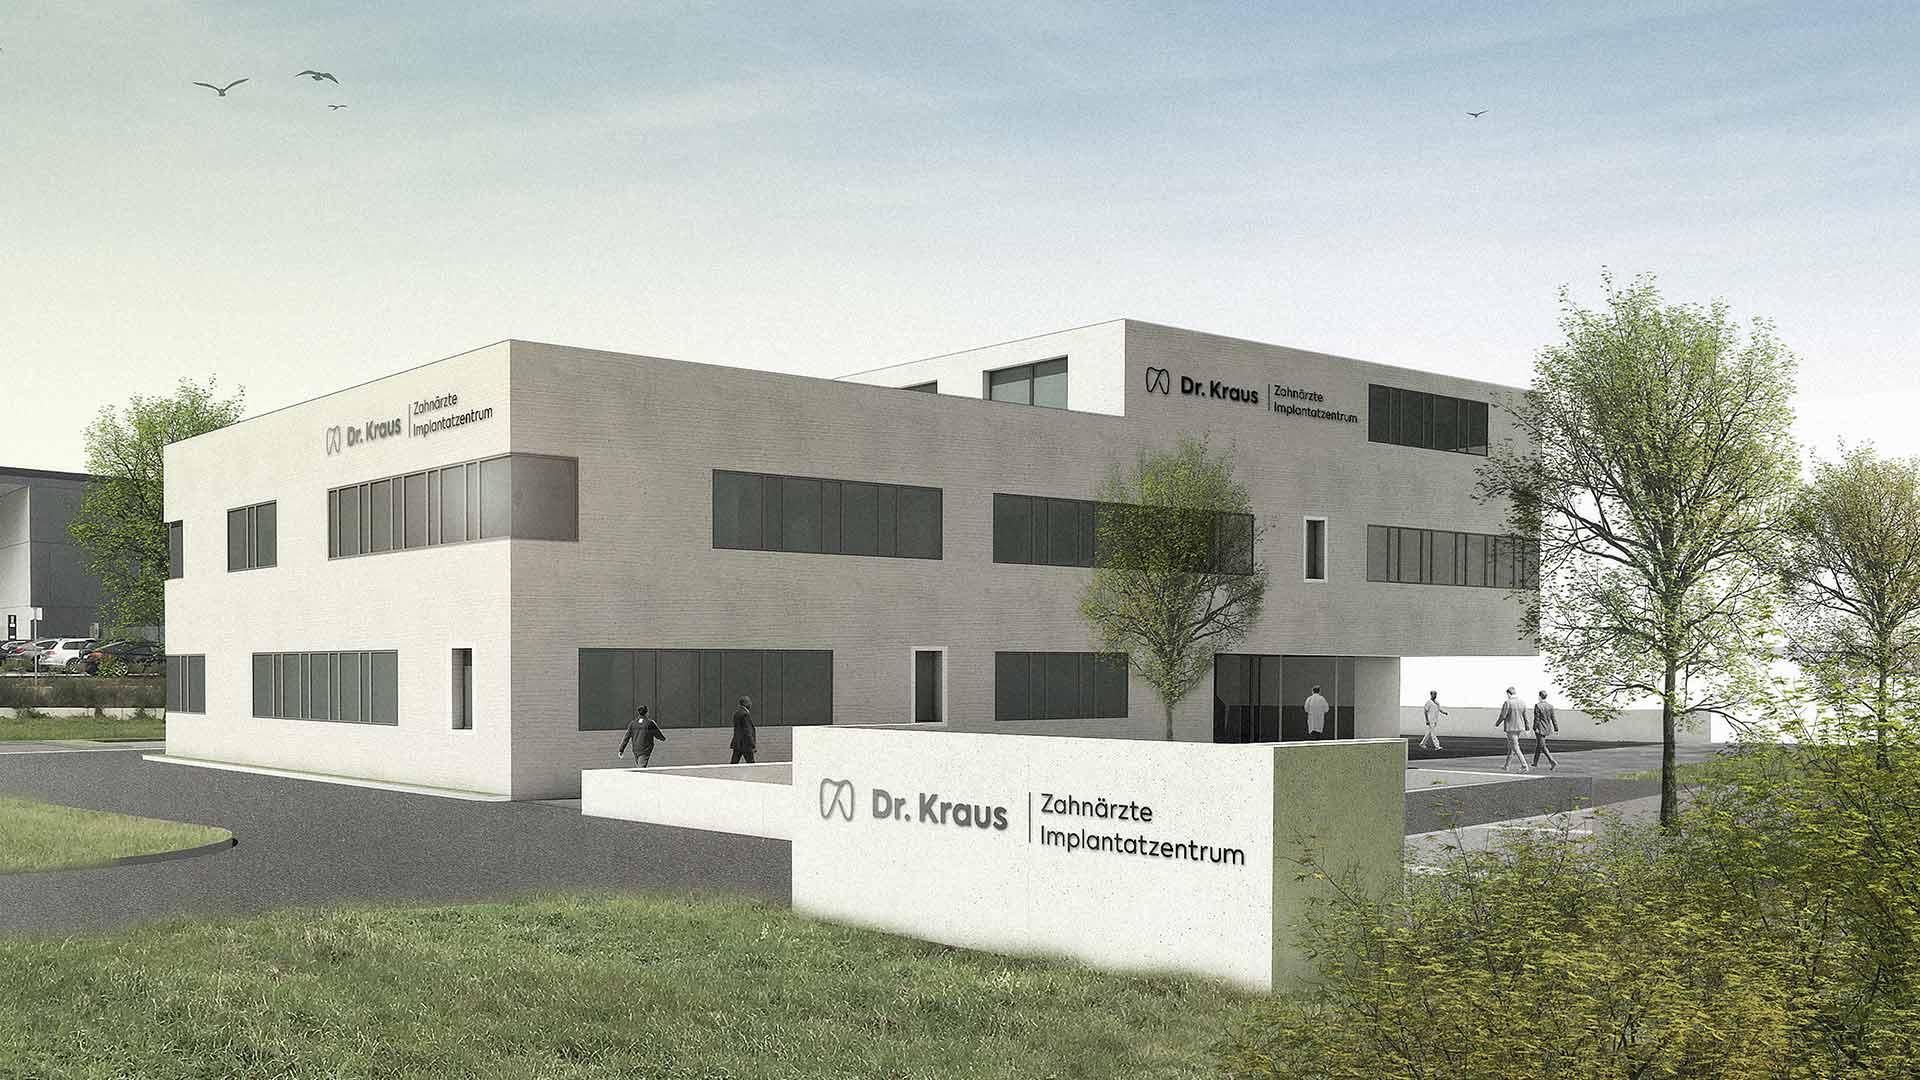 Dr. Kraus Zahnärzte & Implantatzentrum